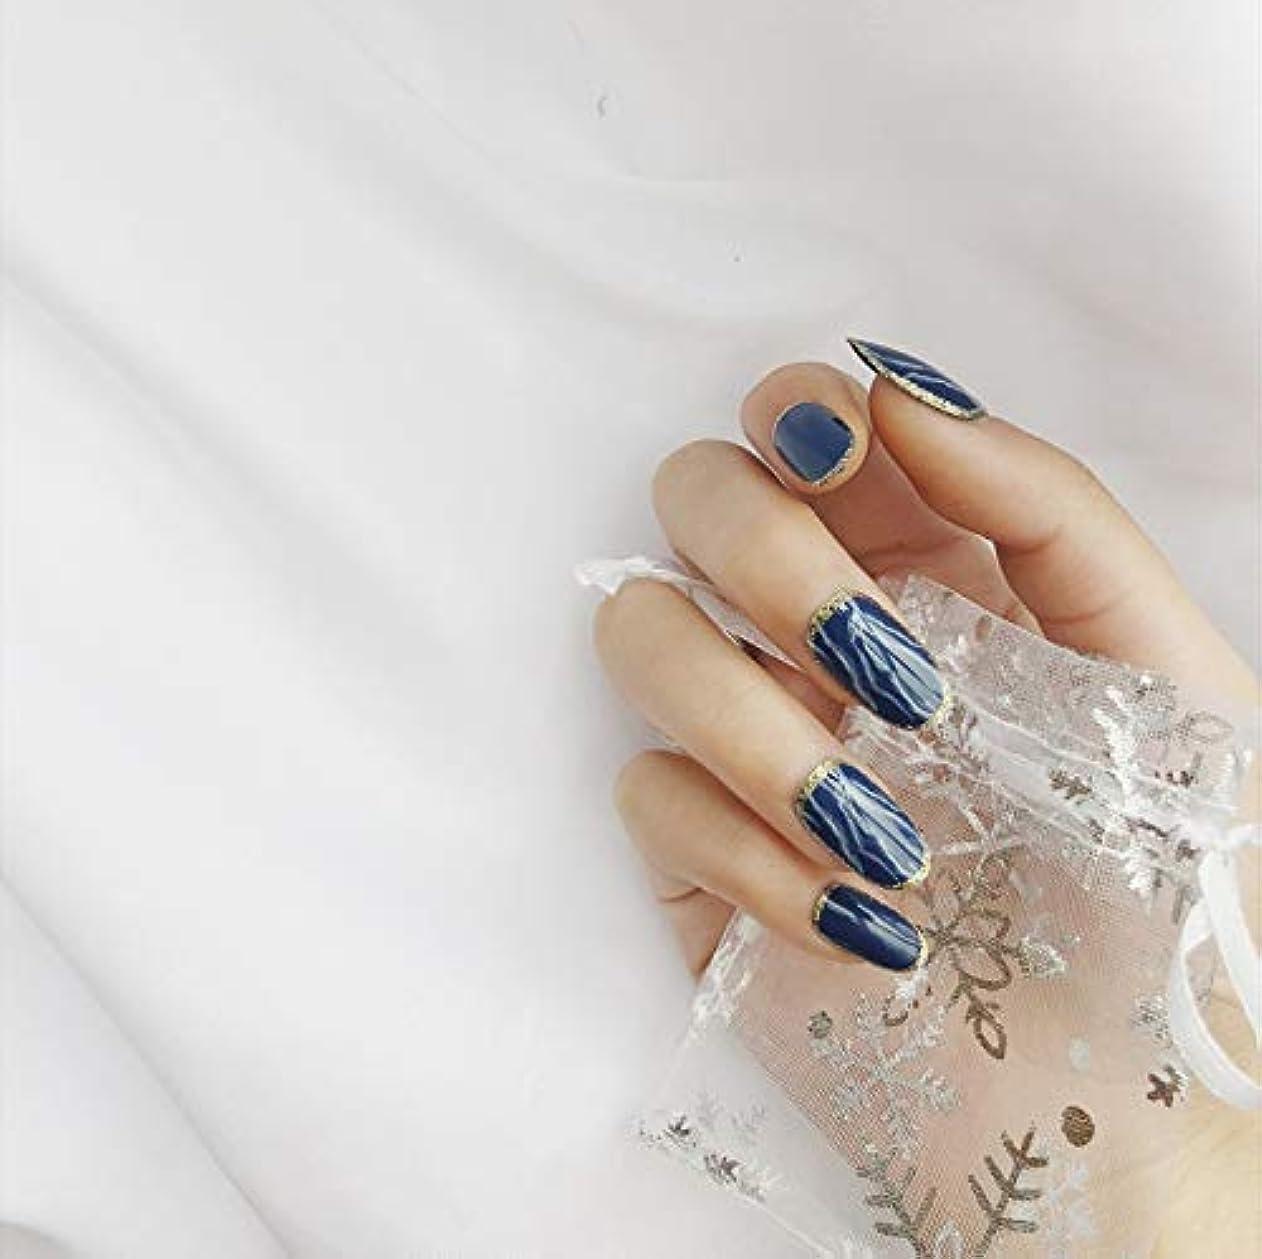 田舎固体を通してVALEN Nail Patch ネイルチップ 綺麗な飾り付け 24枚入 原宿 和風 夢幻 和装 手作りネイルチップ 結婚式ネイルチップ